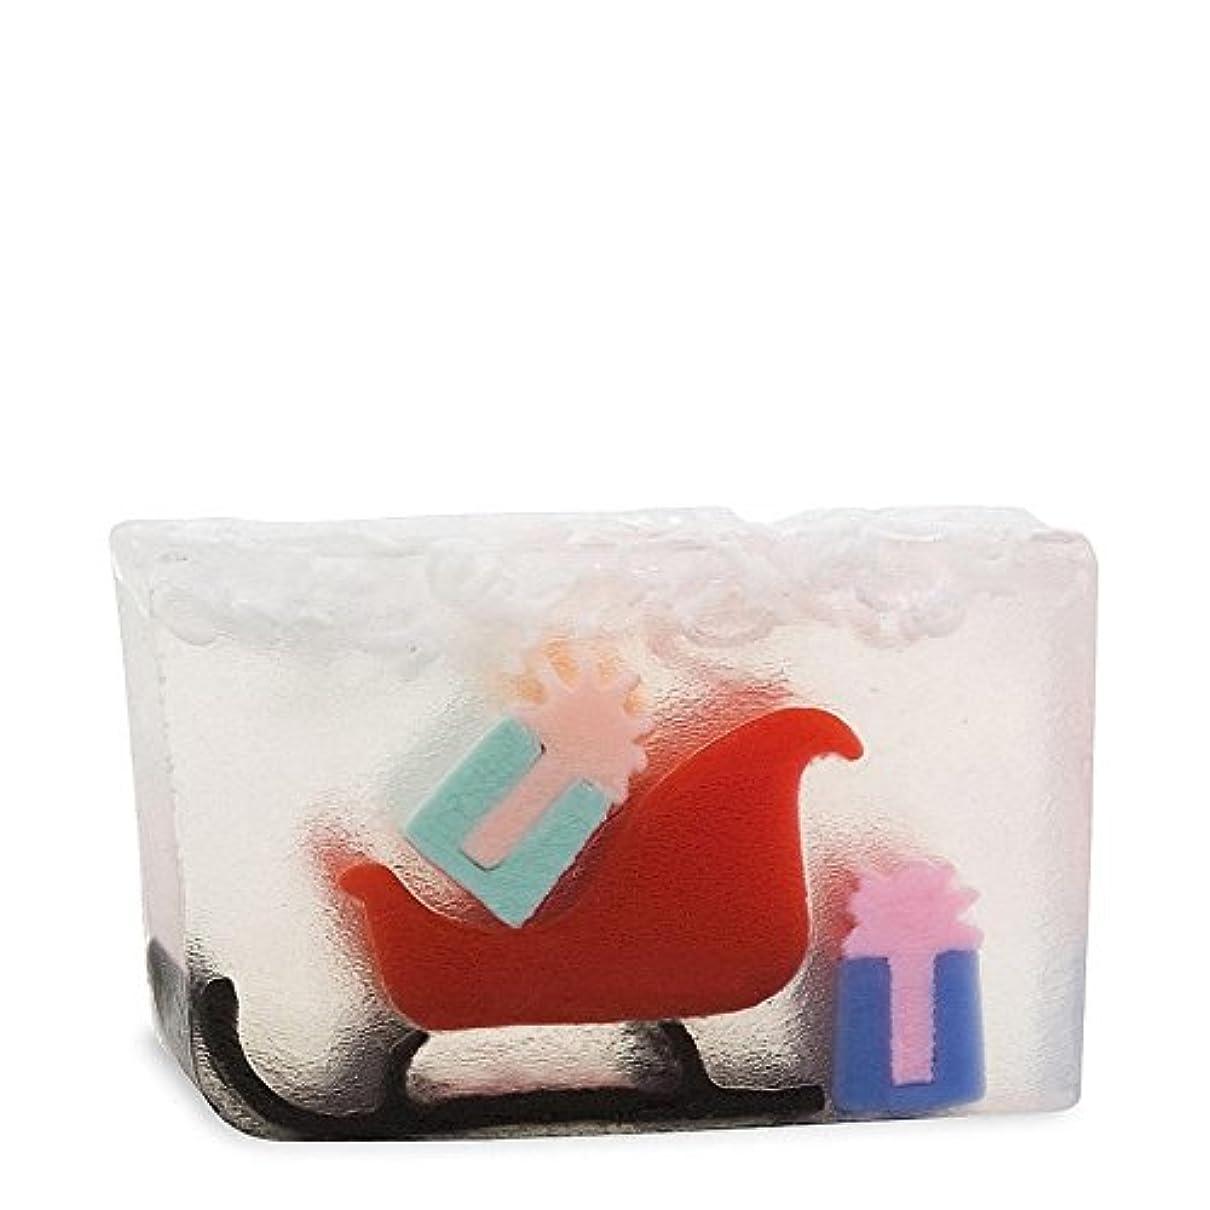 のホスト偽善氏原始要素のサンタのそり x2 - Primal Elements Santas Sleigh (Pack of 2) [並行輸入品]